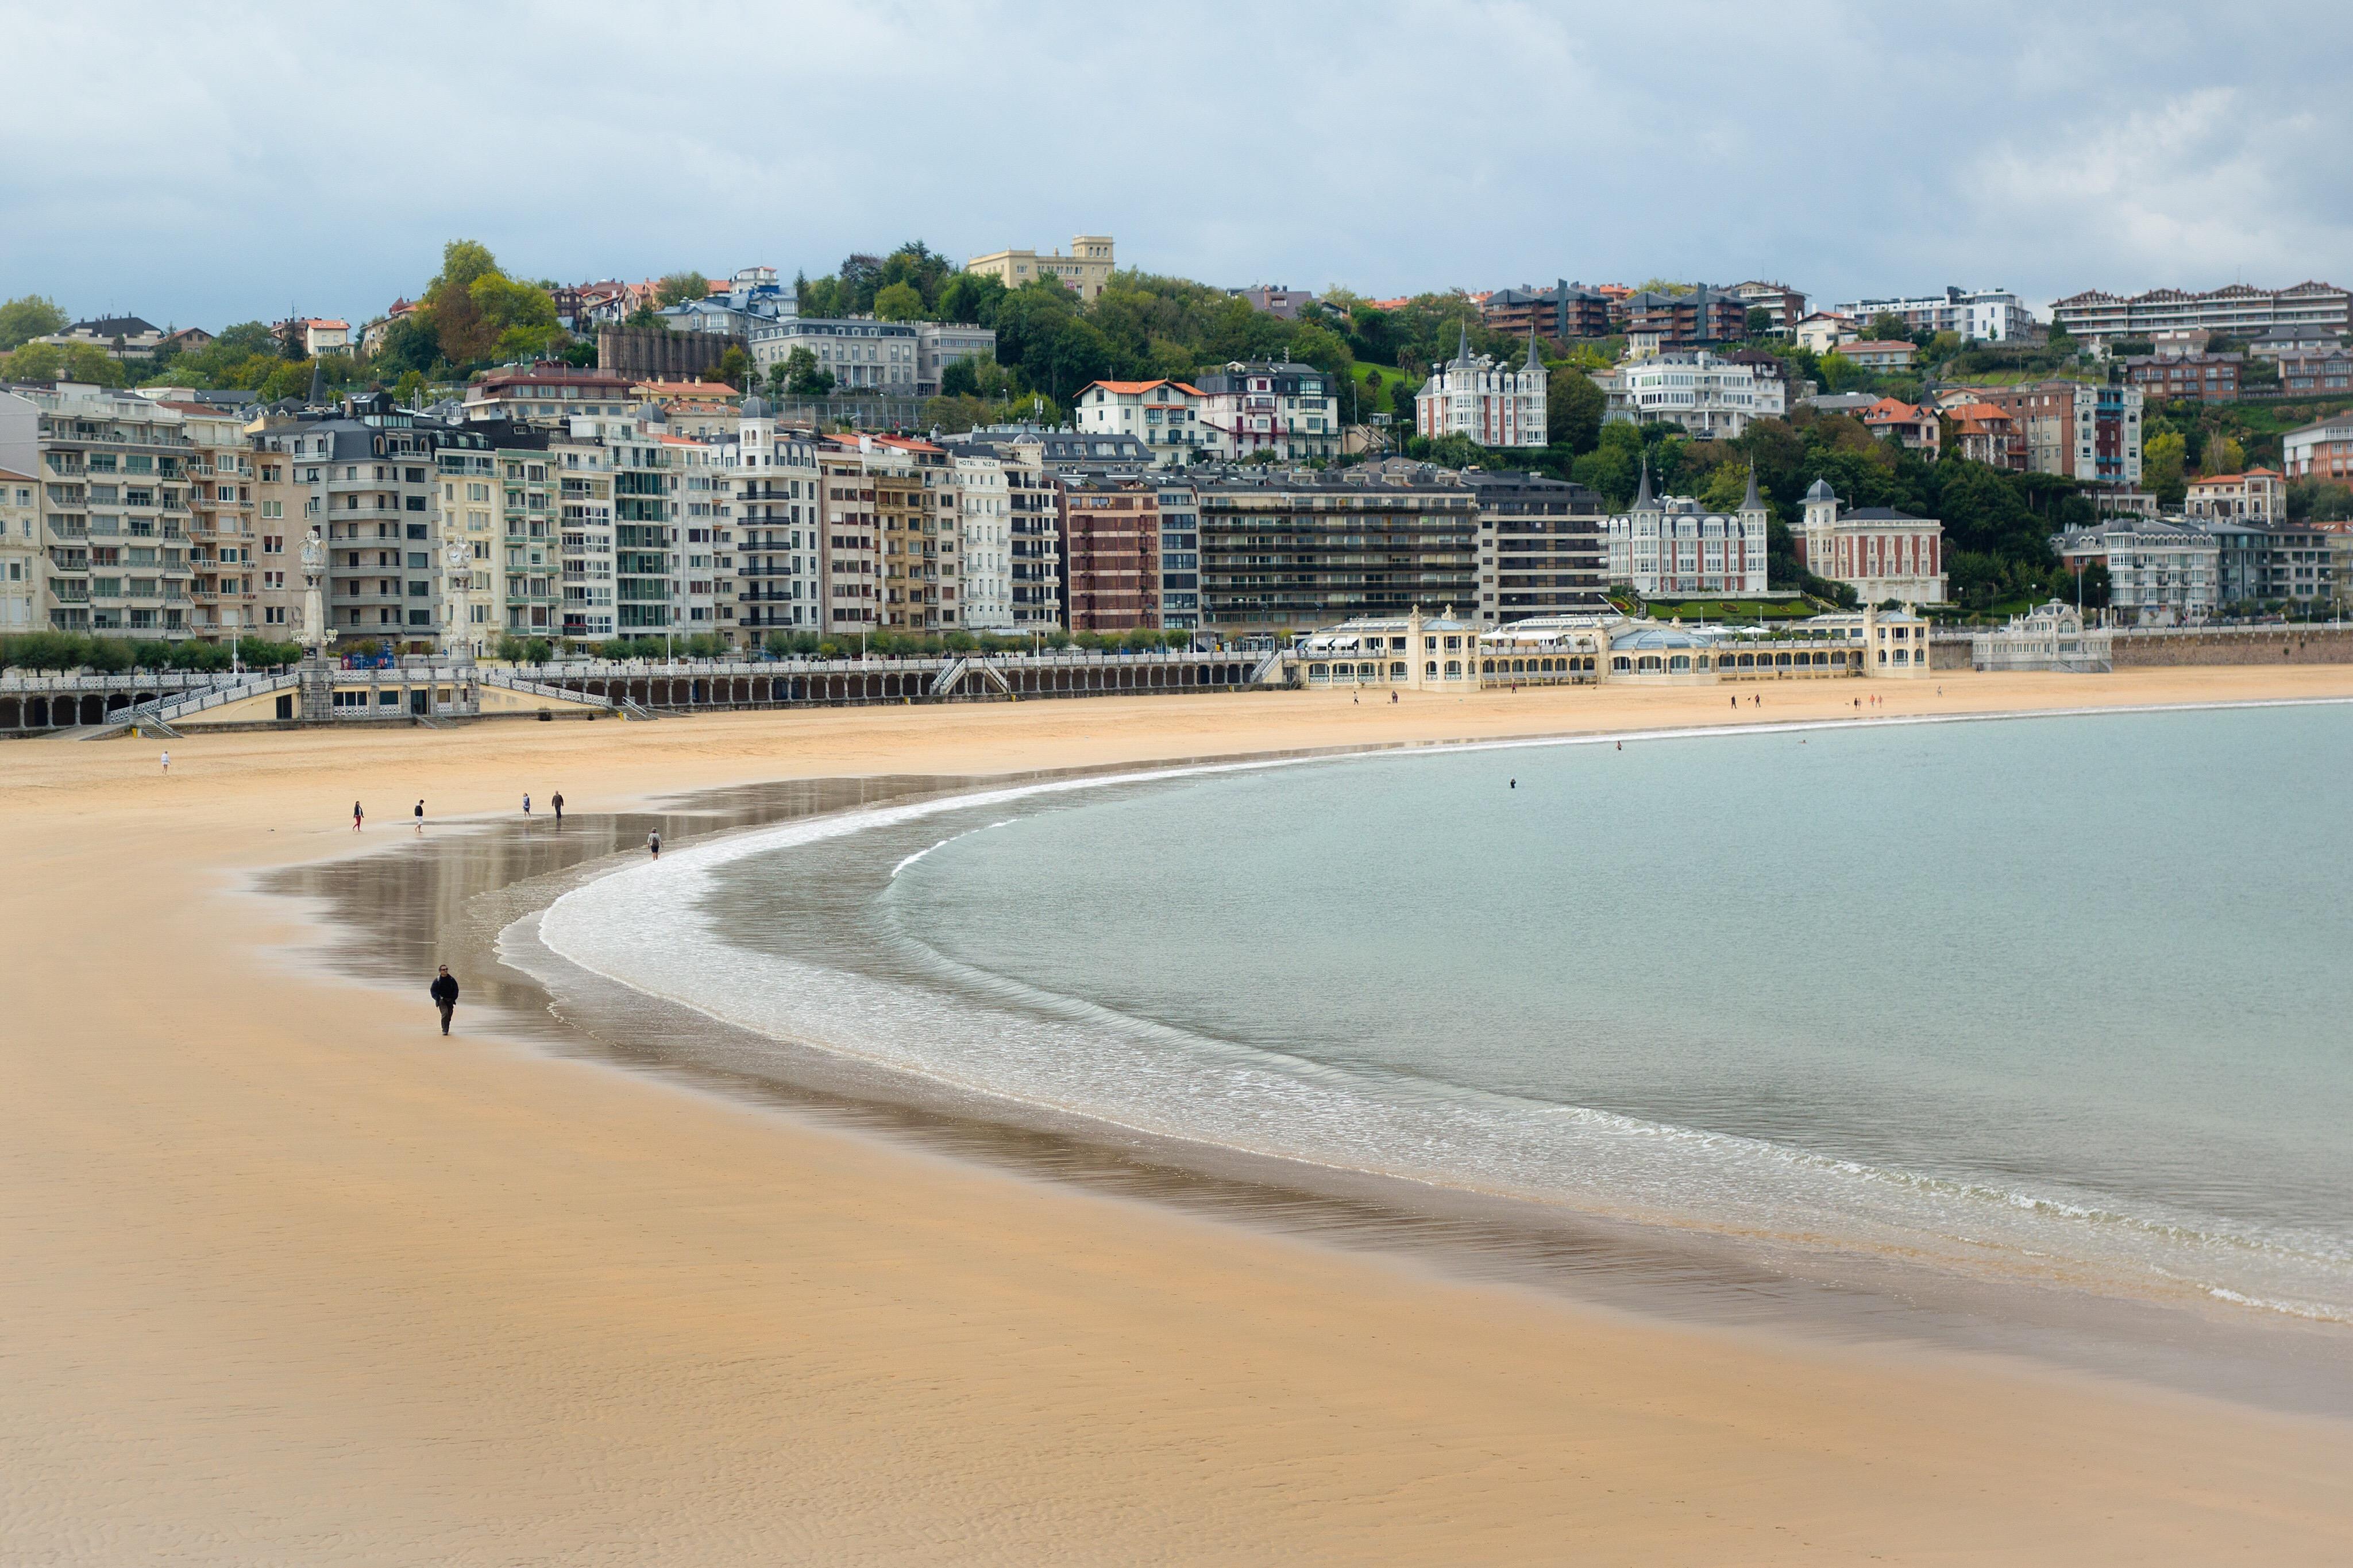 Las 20 Mejores Playas De España Según Los Usuarios De Skyscanner